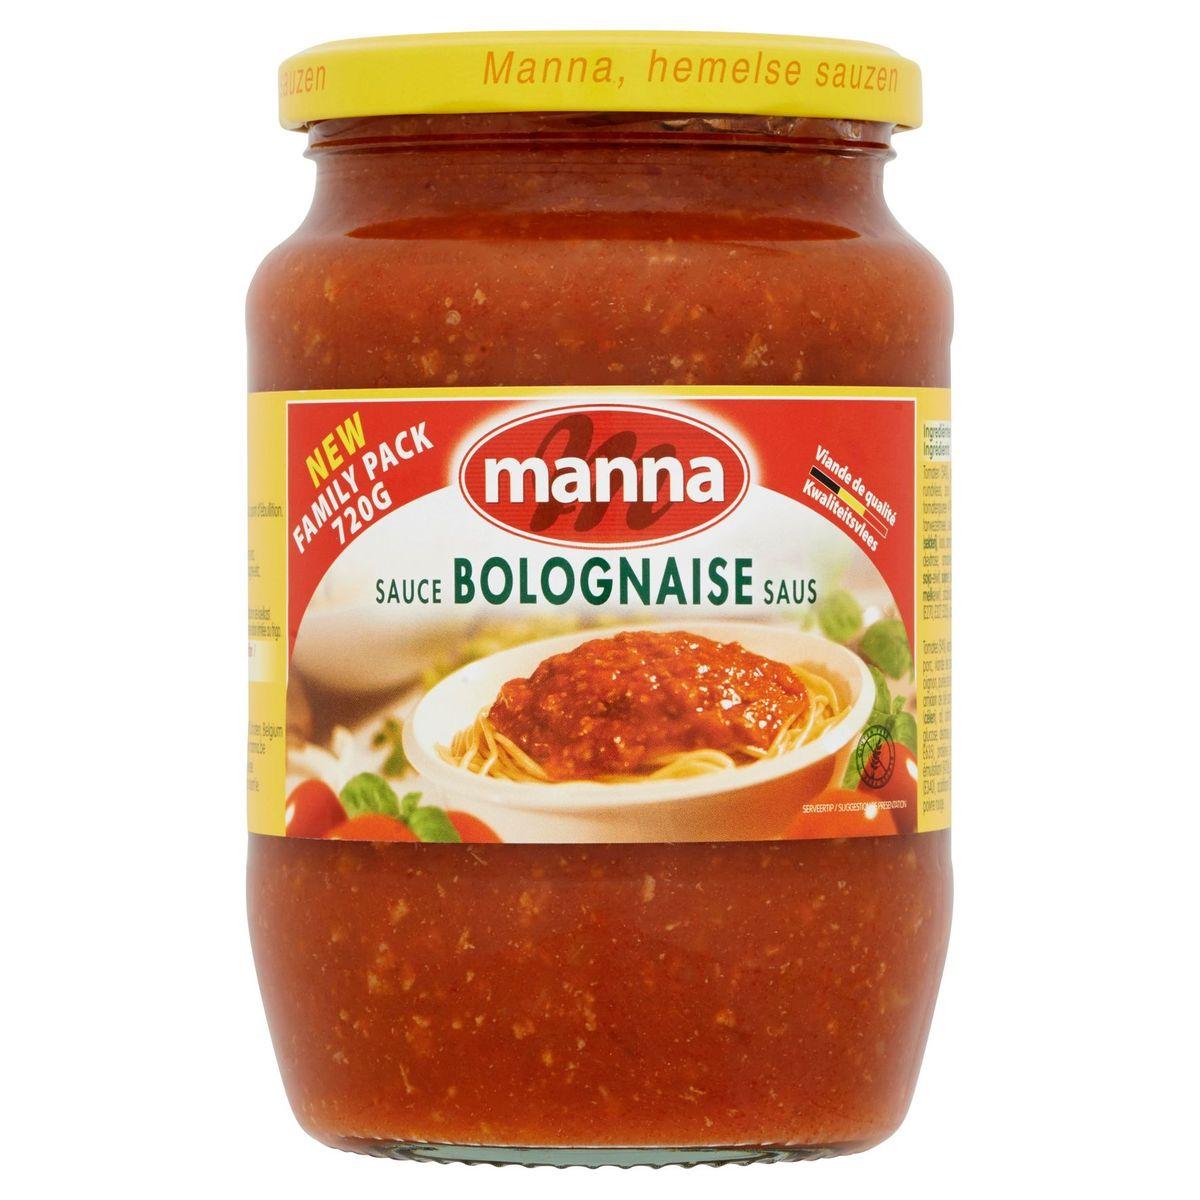 Manna Sauce Bolognaise 720 g